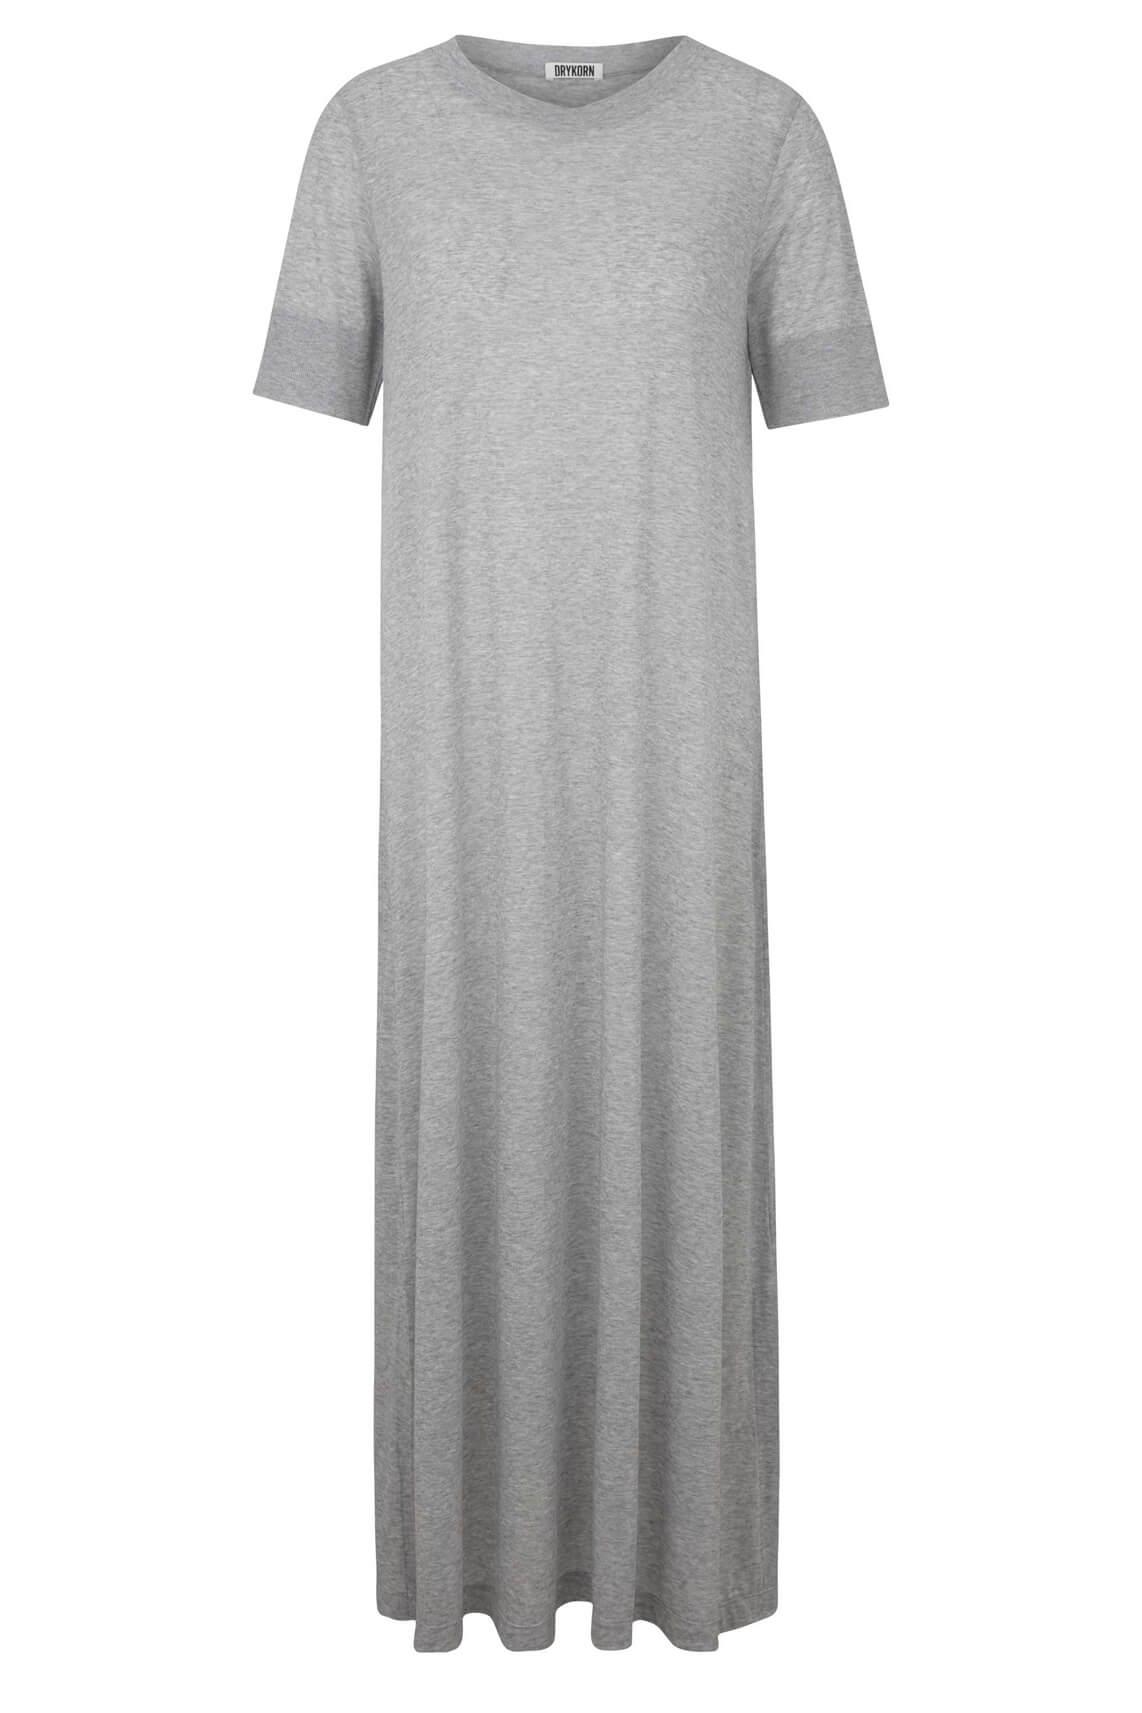 Drykorn Dames Jannie lange jurk Grijs